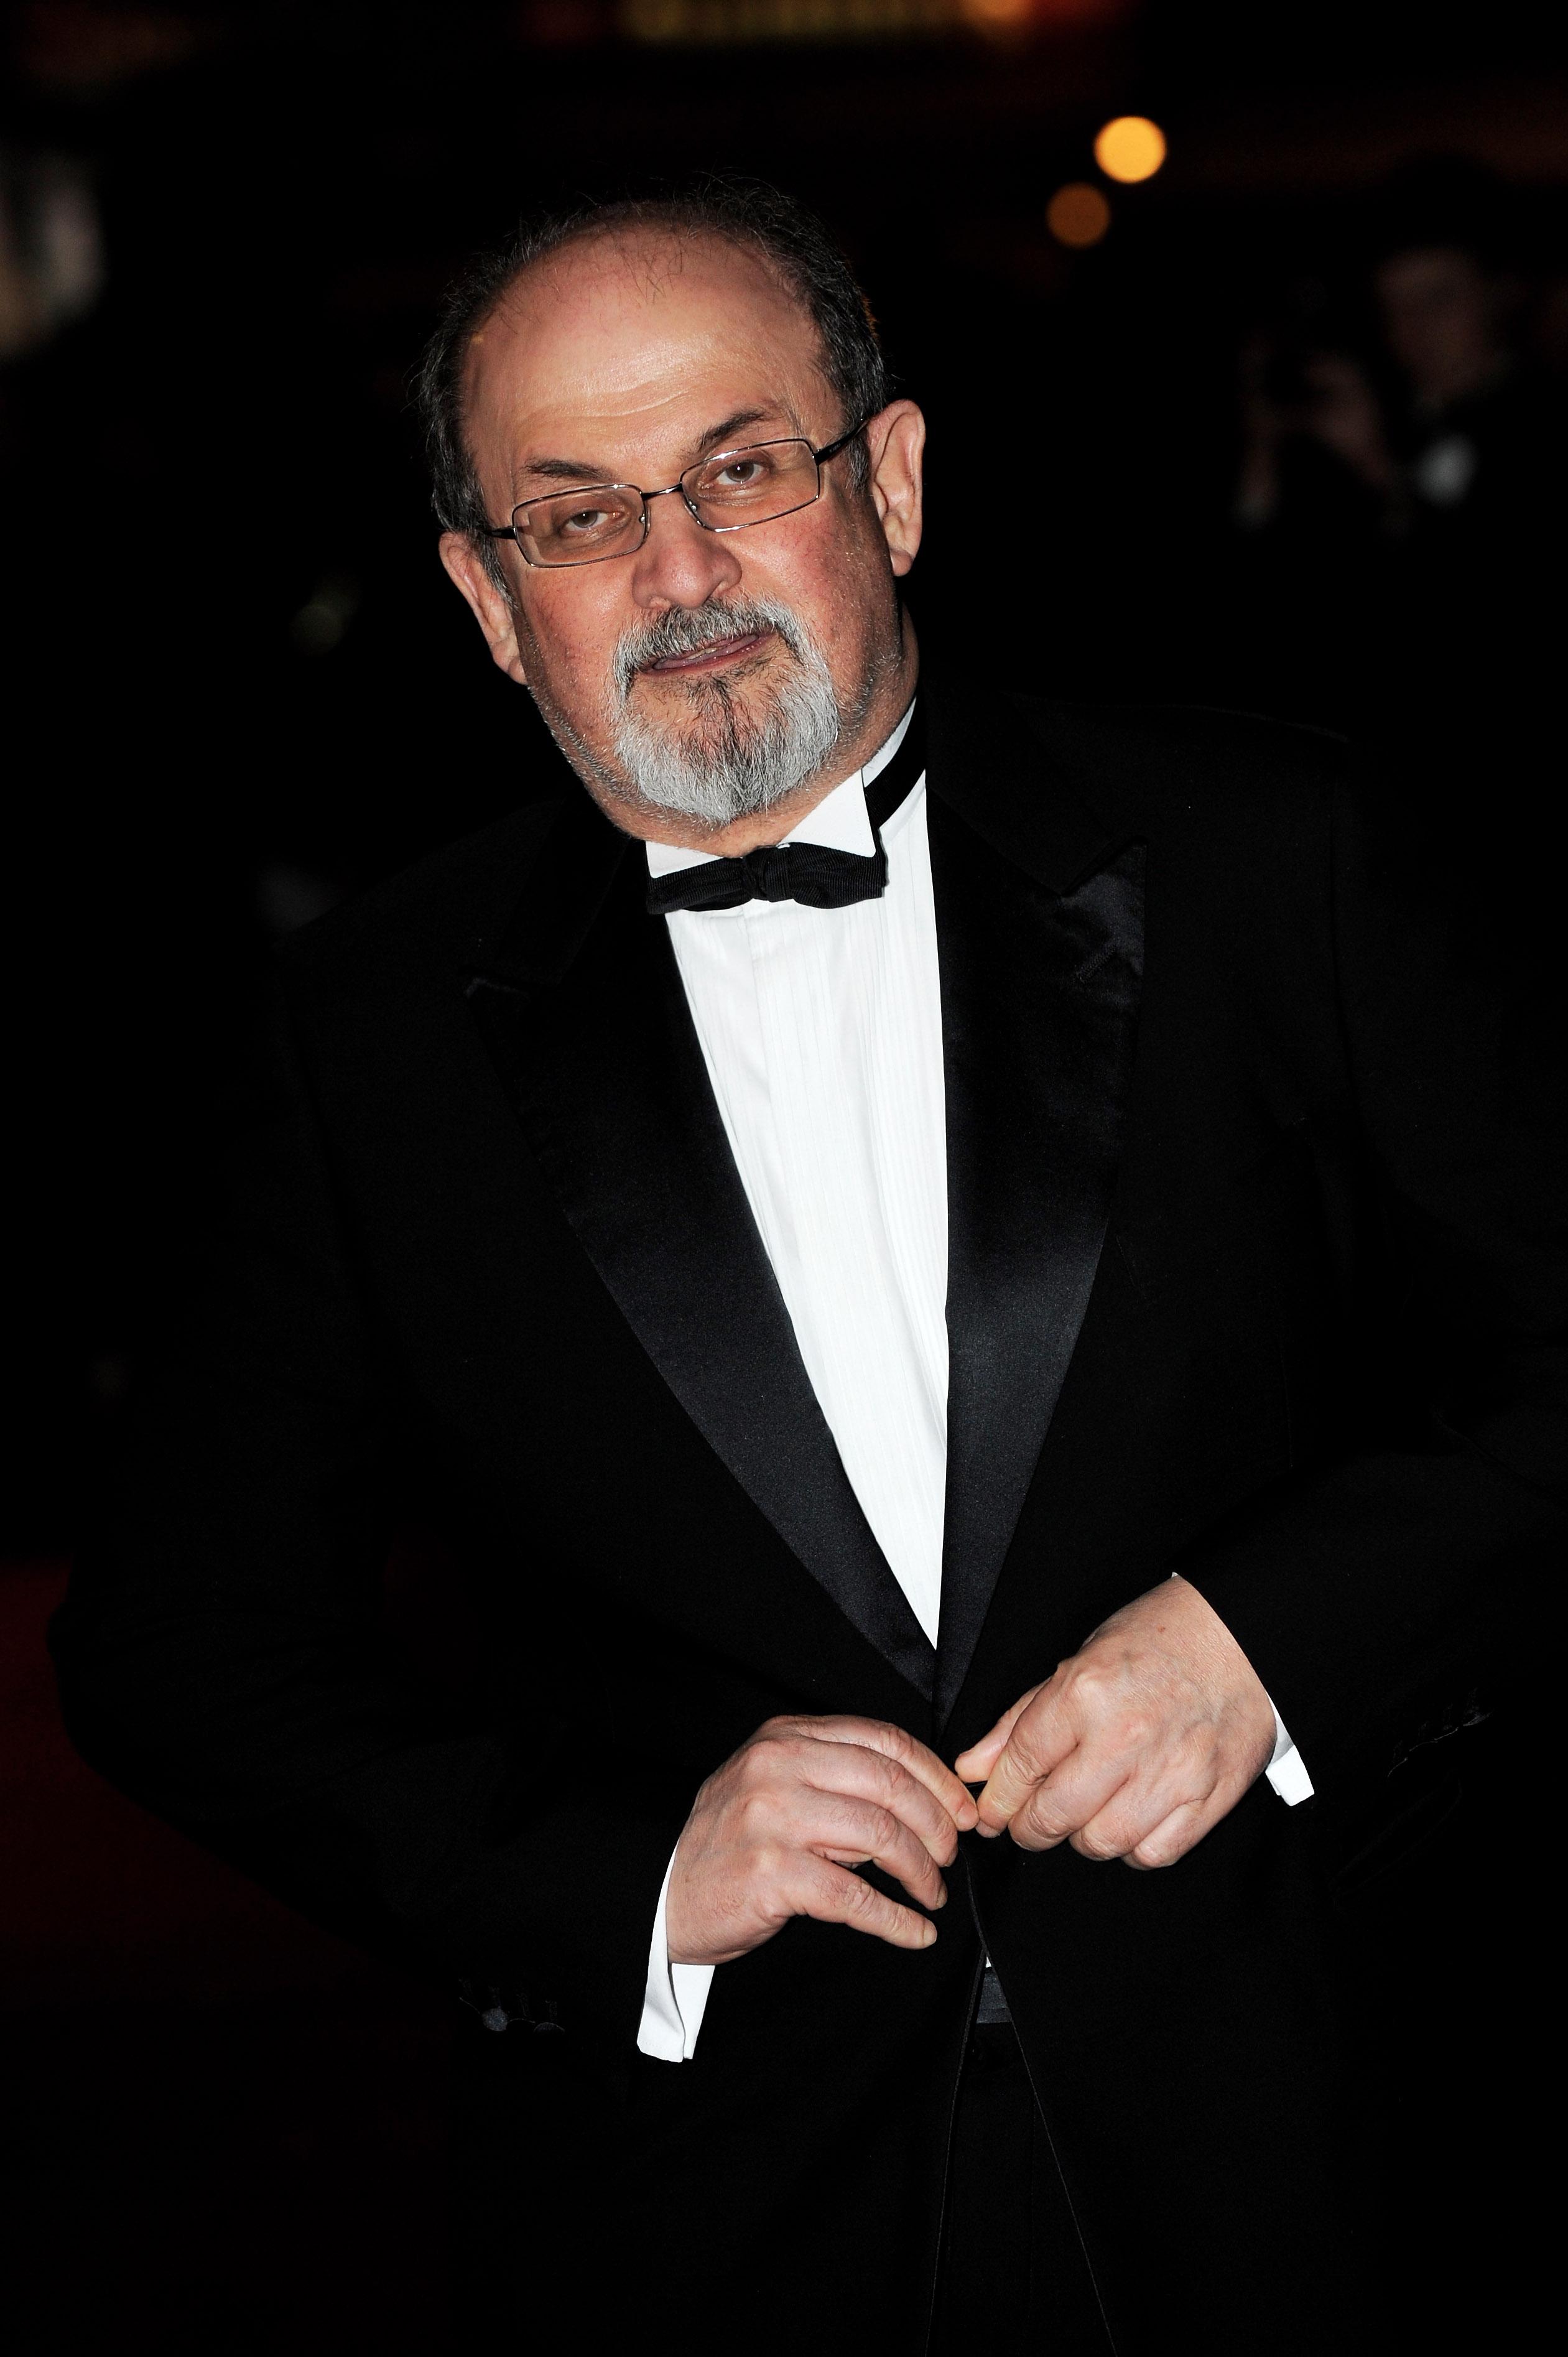 Salman Rushdie je bradata i ćelava apokaliptična postmoderna Šeherezada koja će pričati priče dok traje rat i dok svijetom luduje kaos